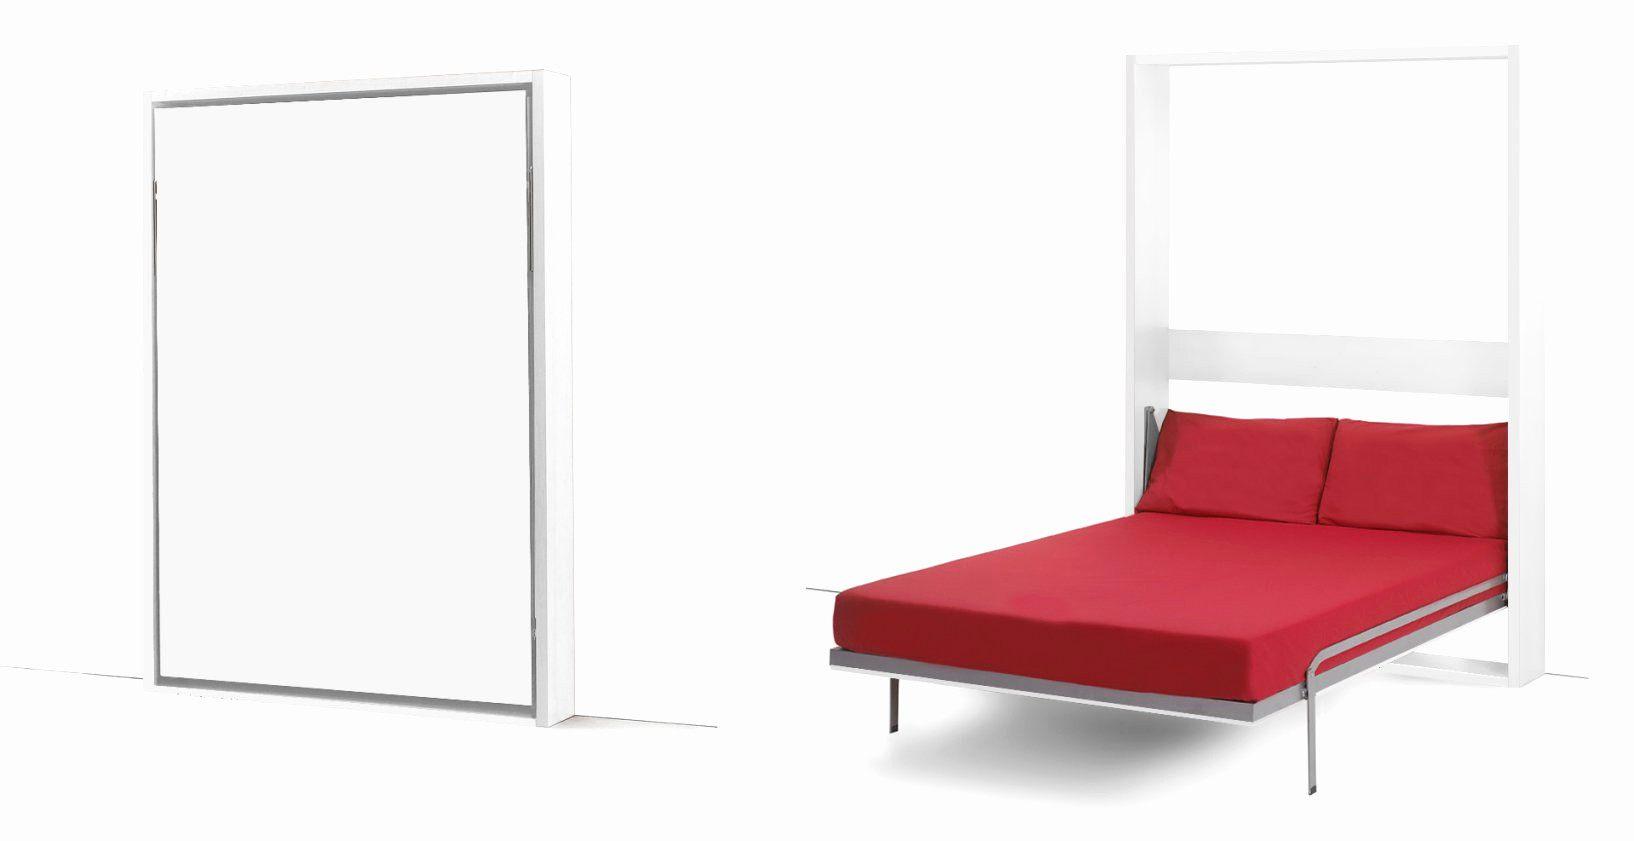 Lit Escamotable Pas Cher Ikea Meilleur De Nouveau Armoire Lit Escamotable Pas Cher Lits Escamotables Ikea